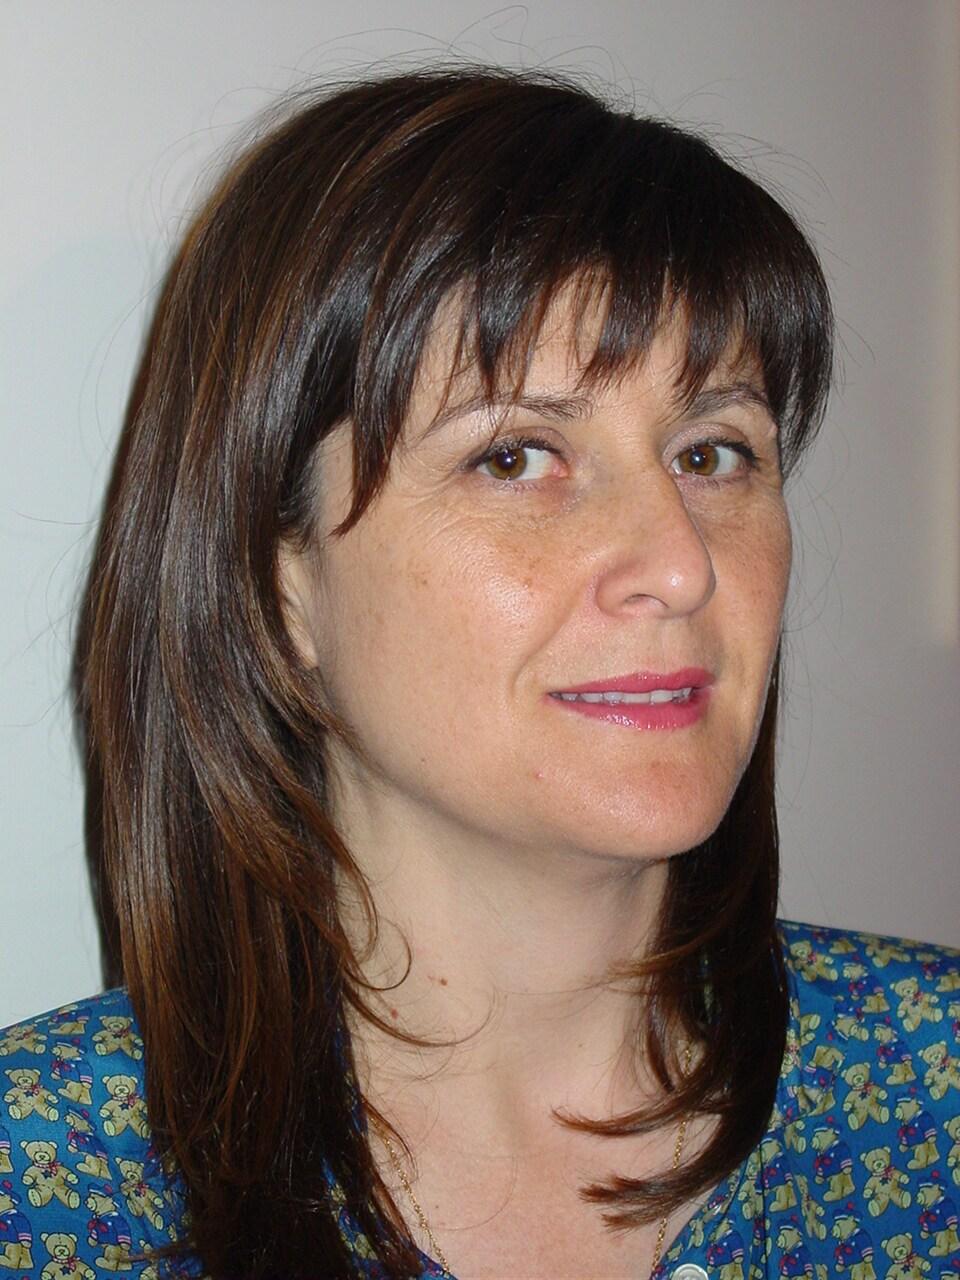 Loredana from Pomezia